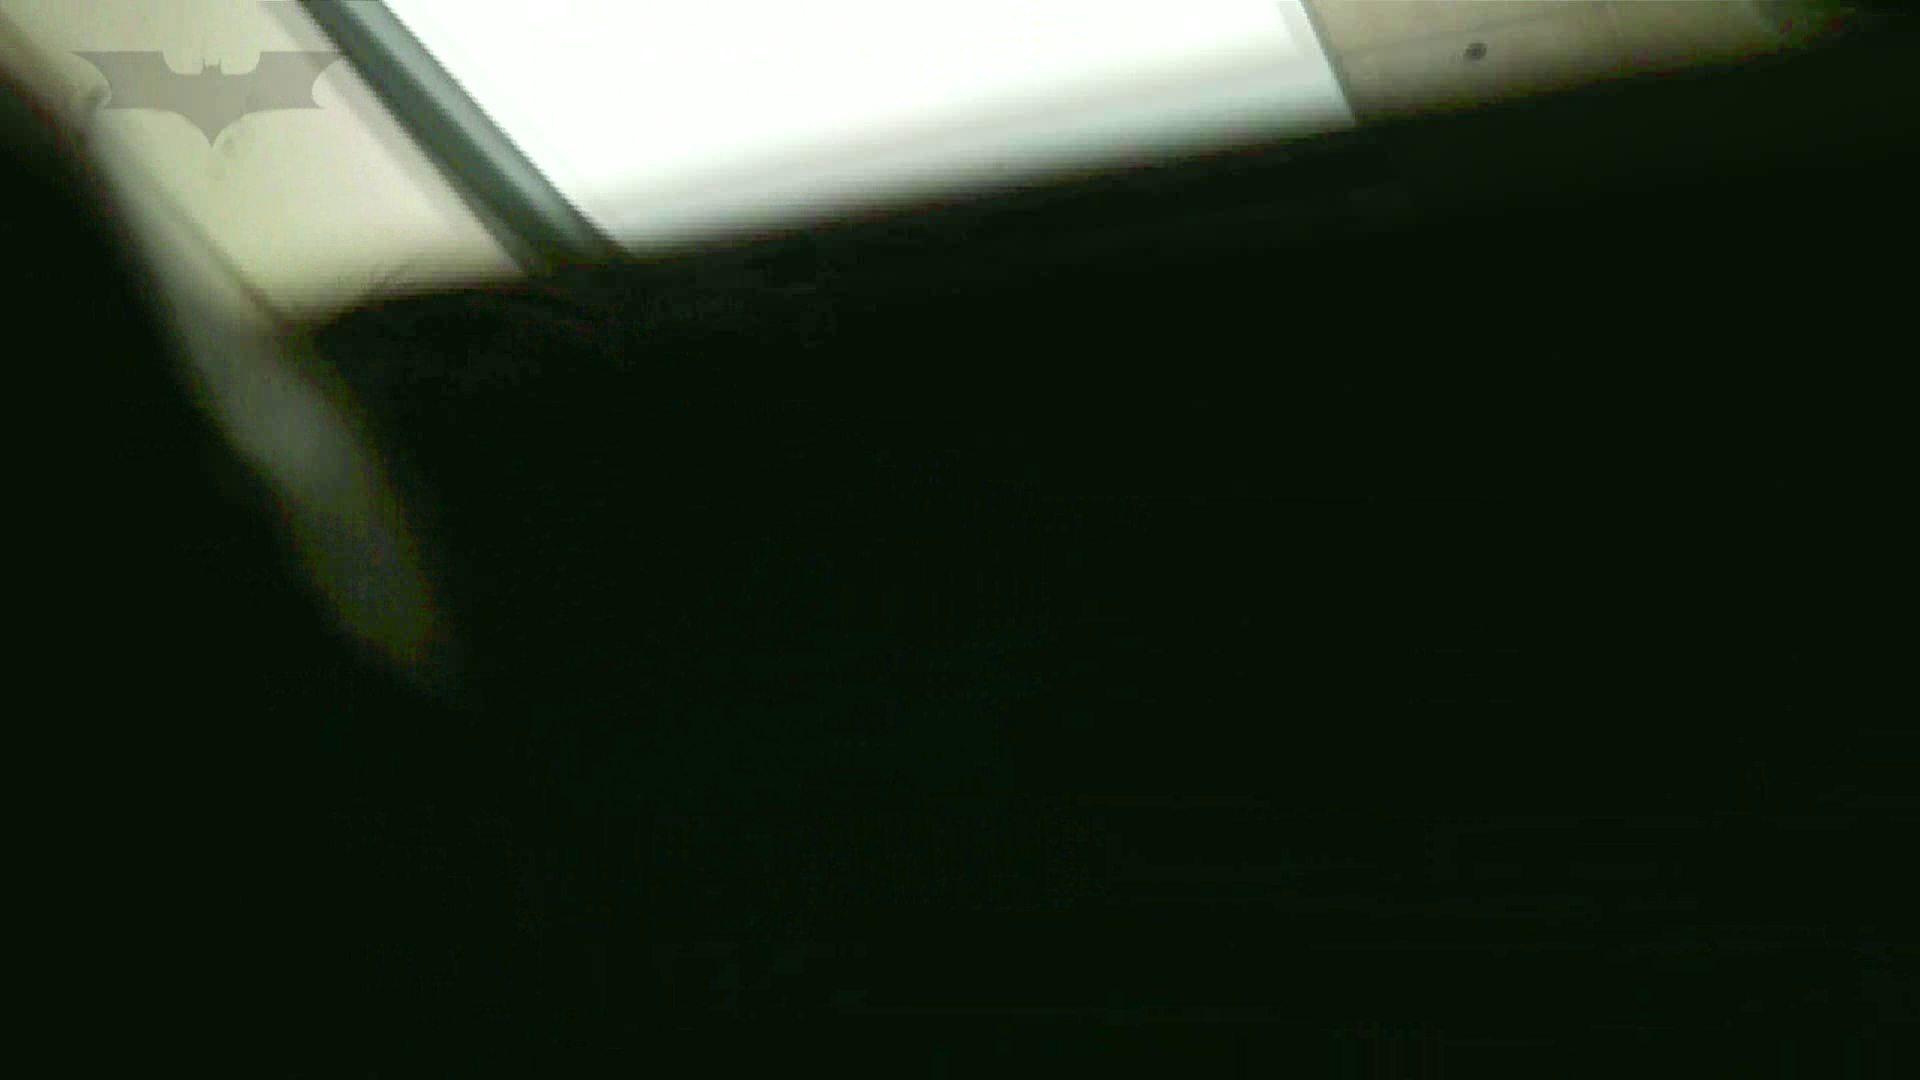 ステーション編 vol.29 頭二つ飛び出る180cm長身モデル 洗面所  79PIX 34